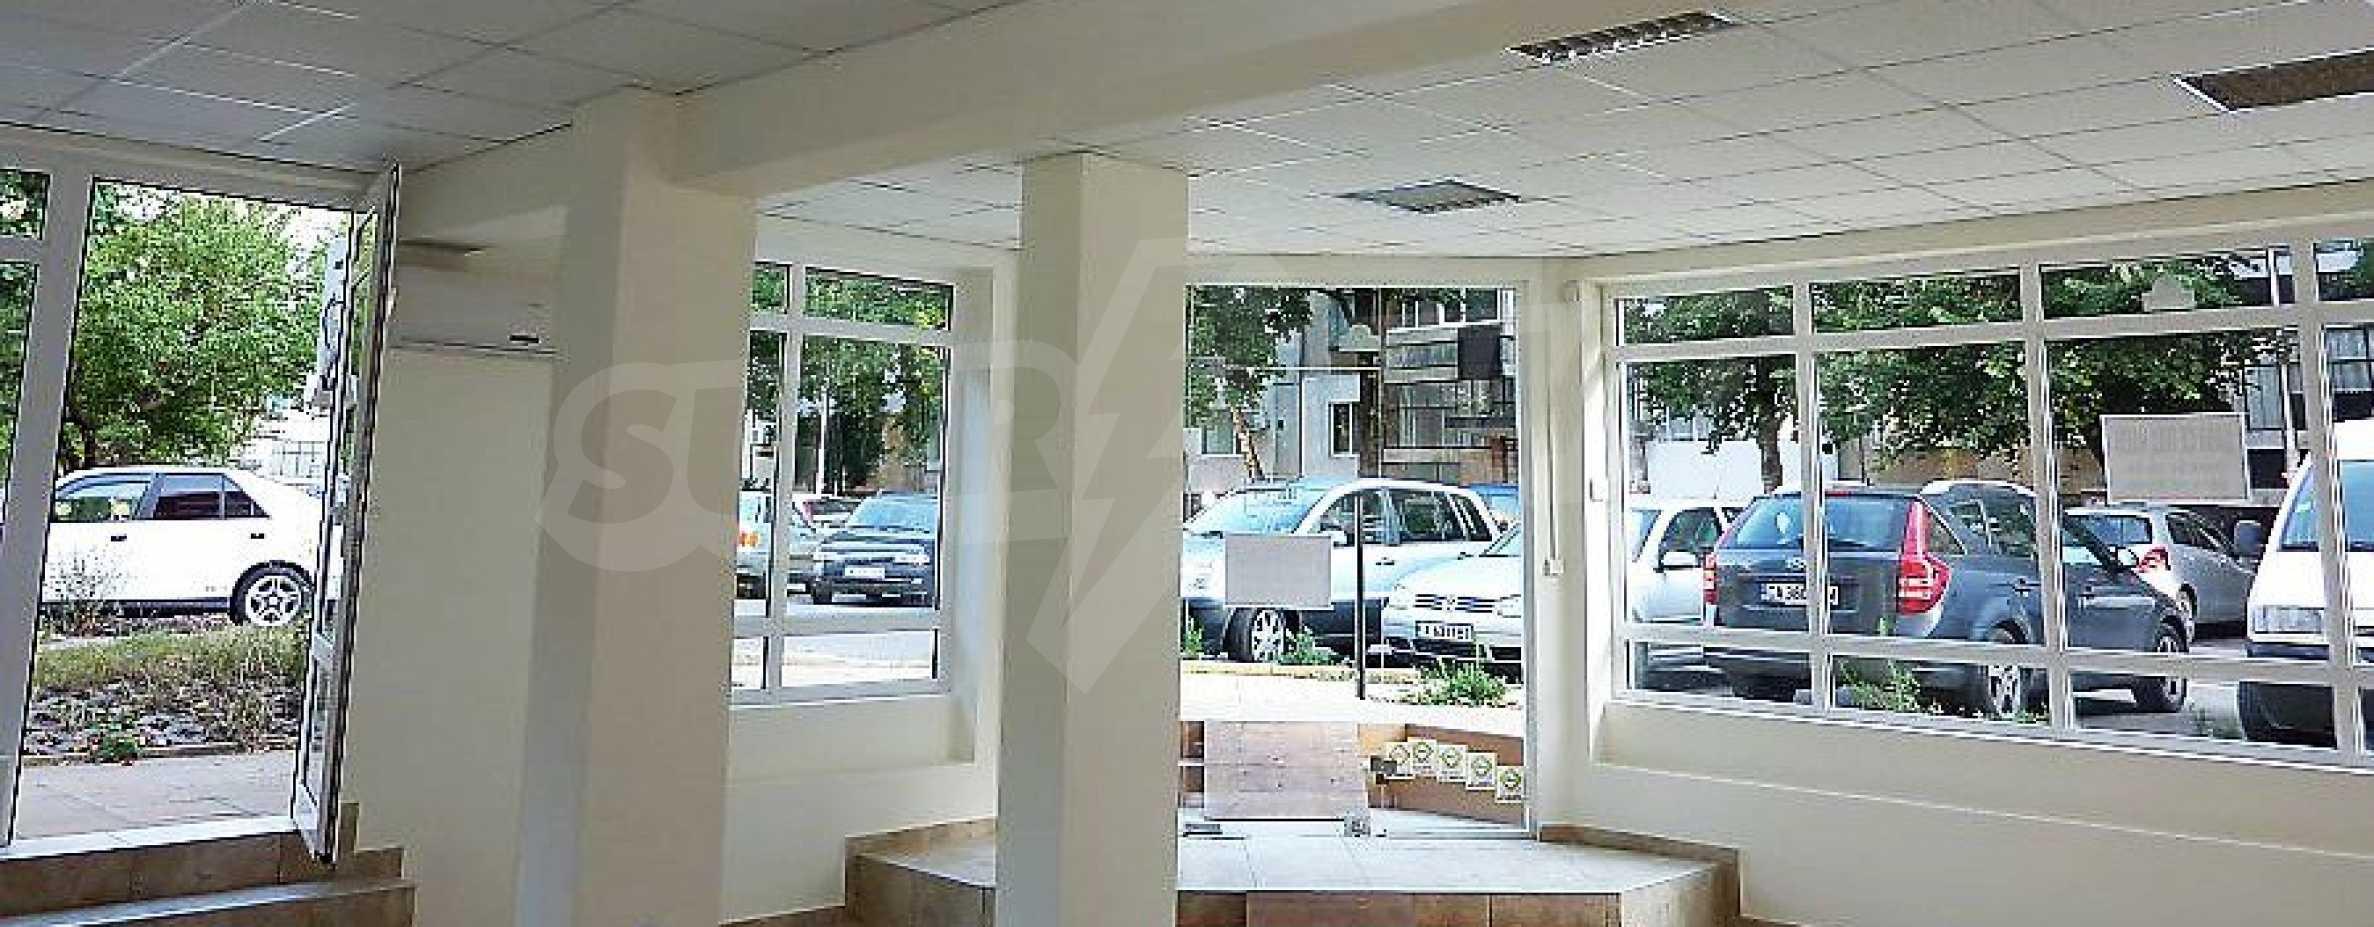 Магазин за продажба в сграда от смесен тип в ж.к. Изгрев в Бургас 1